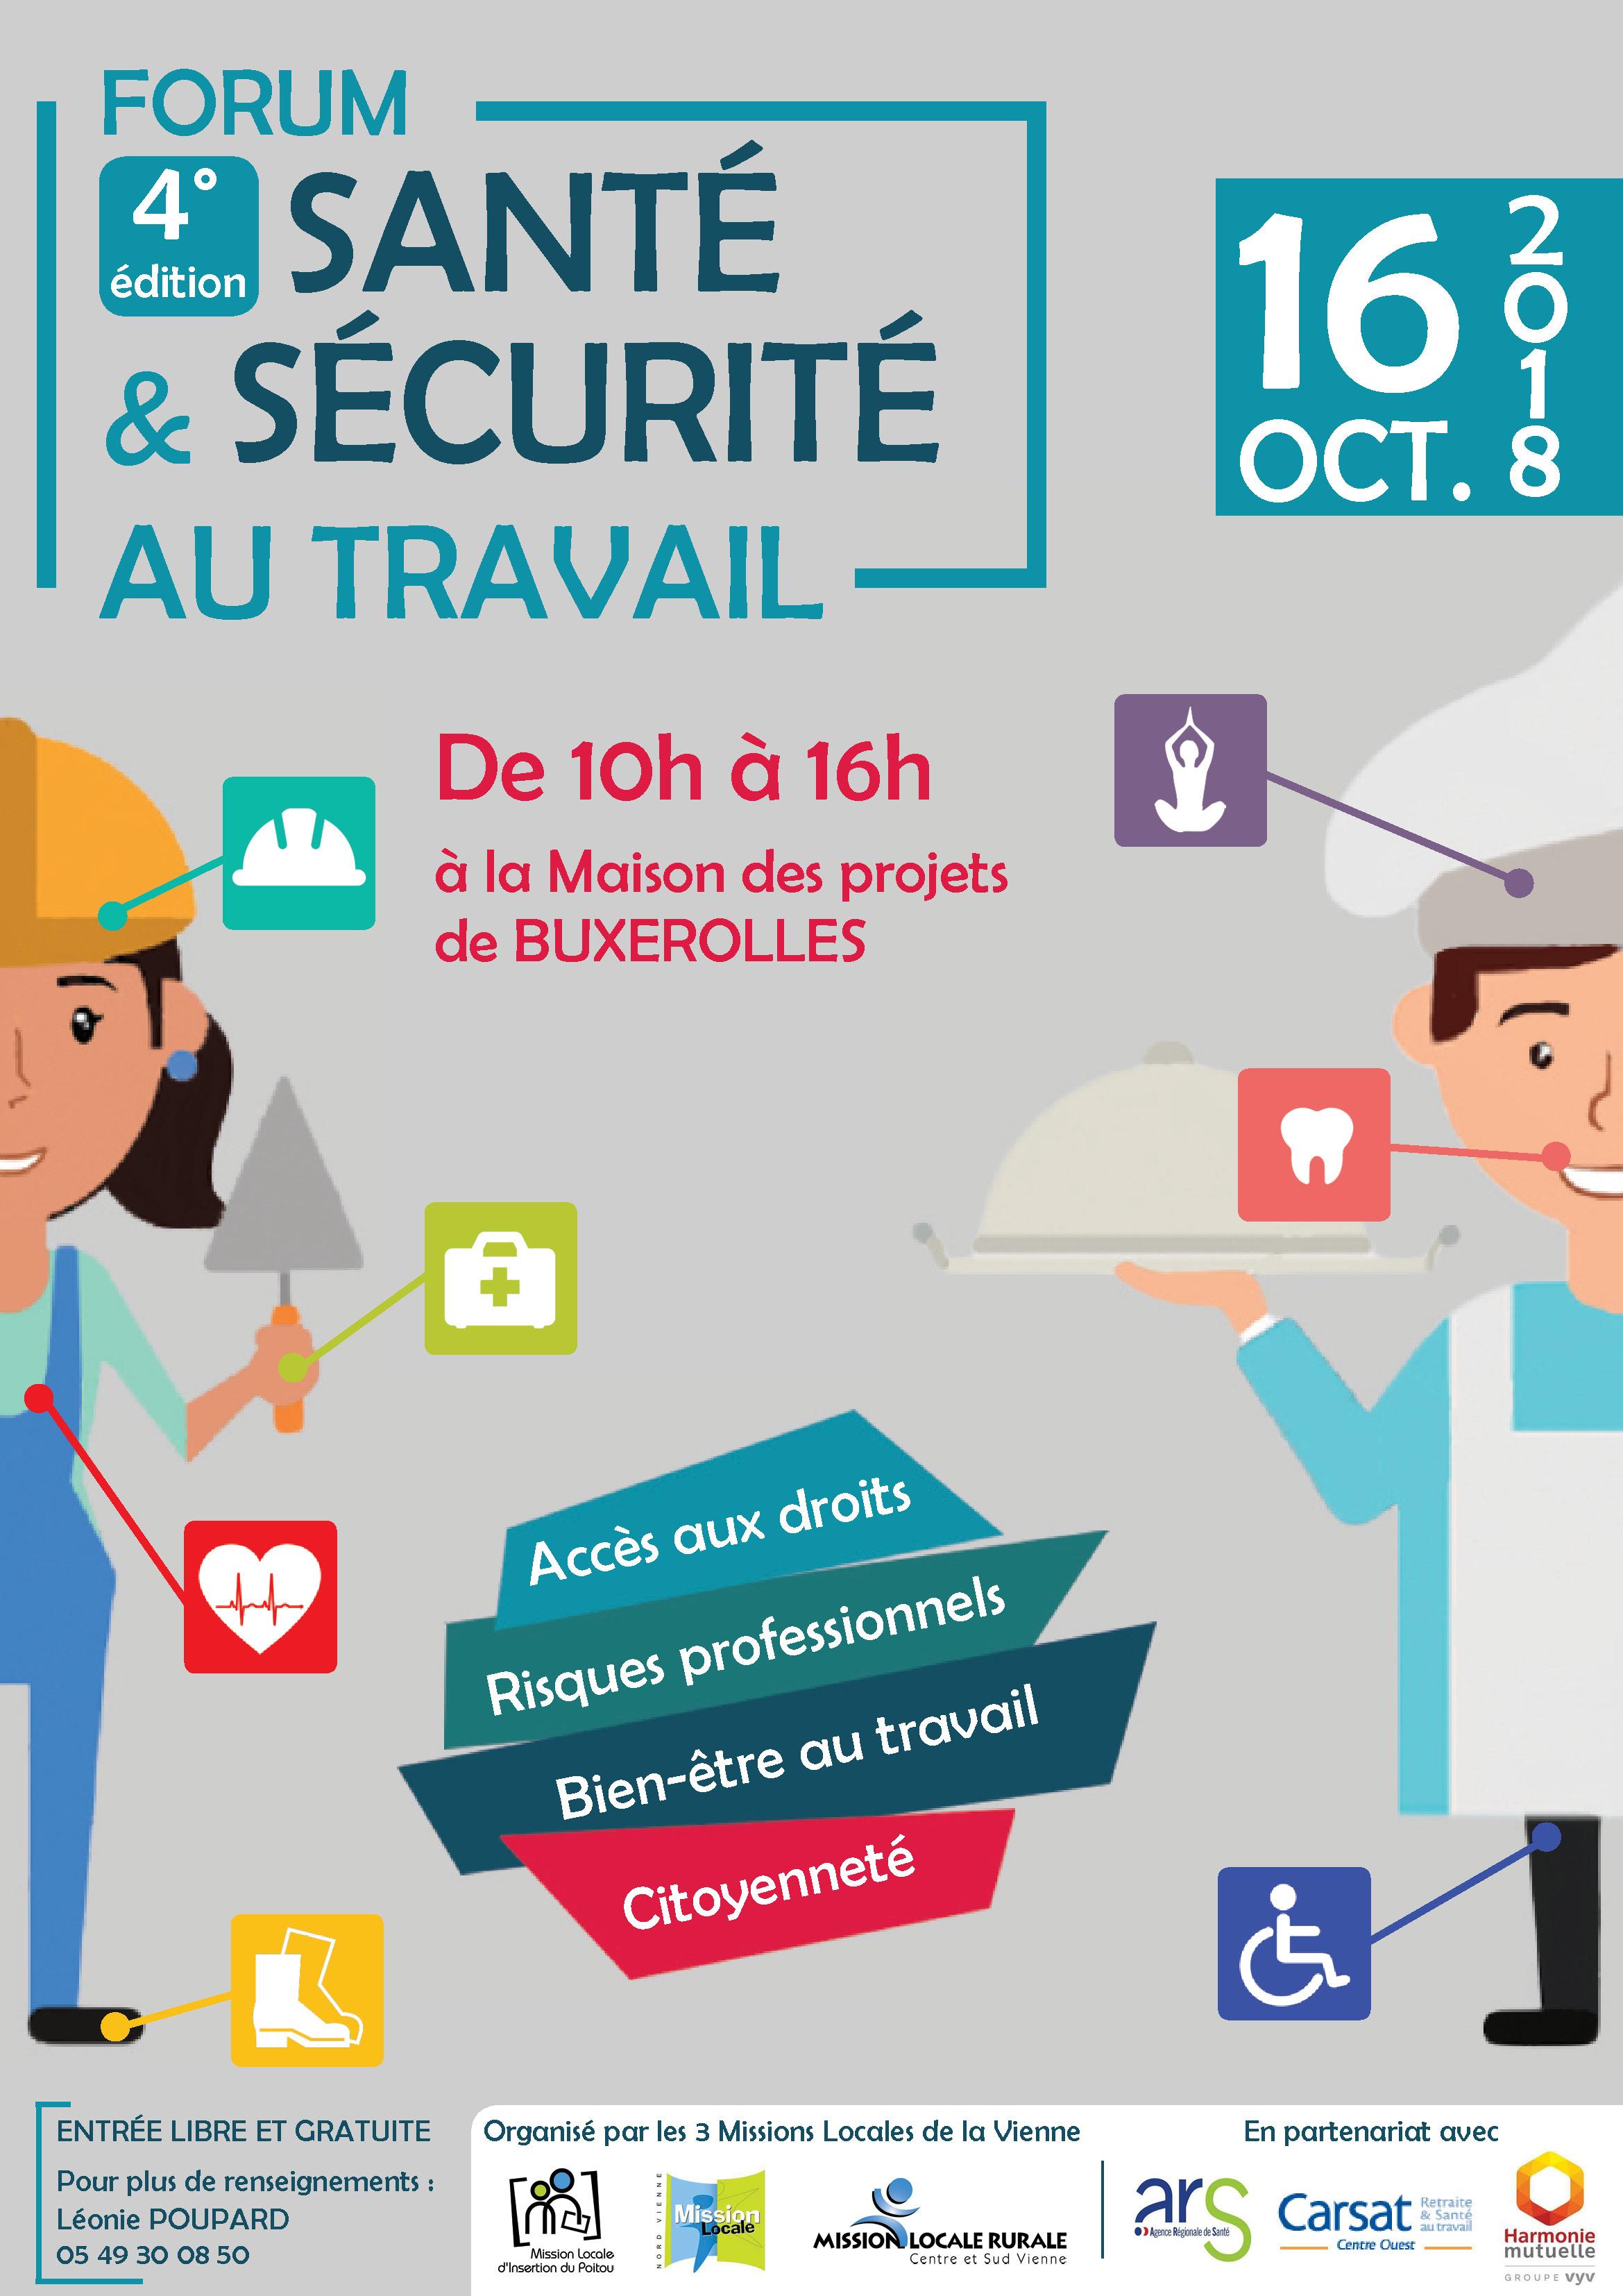 Forum santé et sécurité au travail